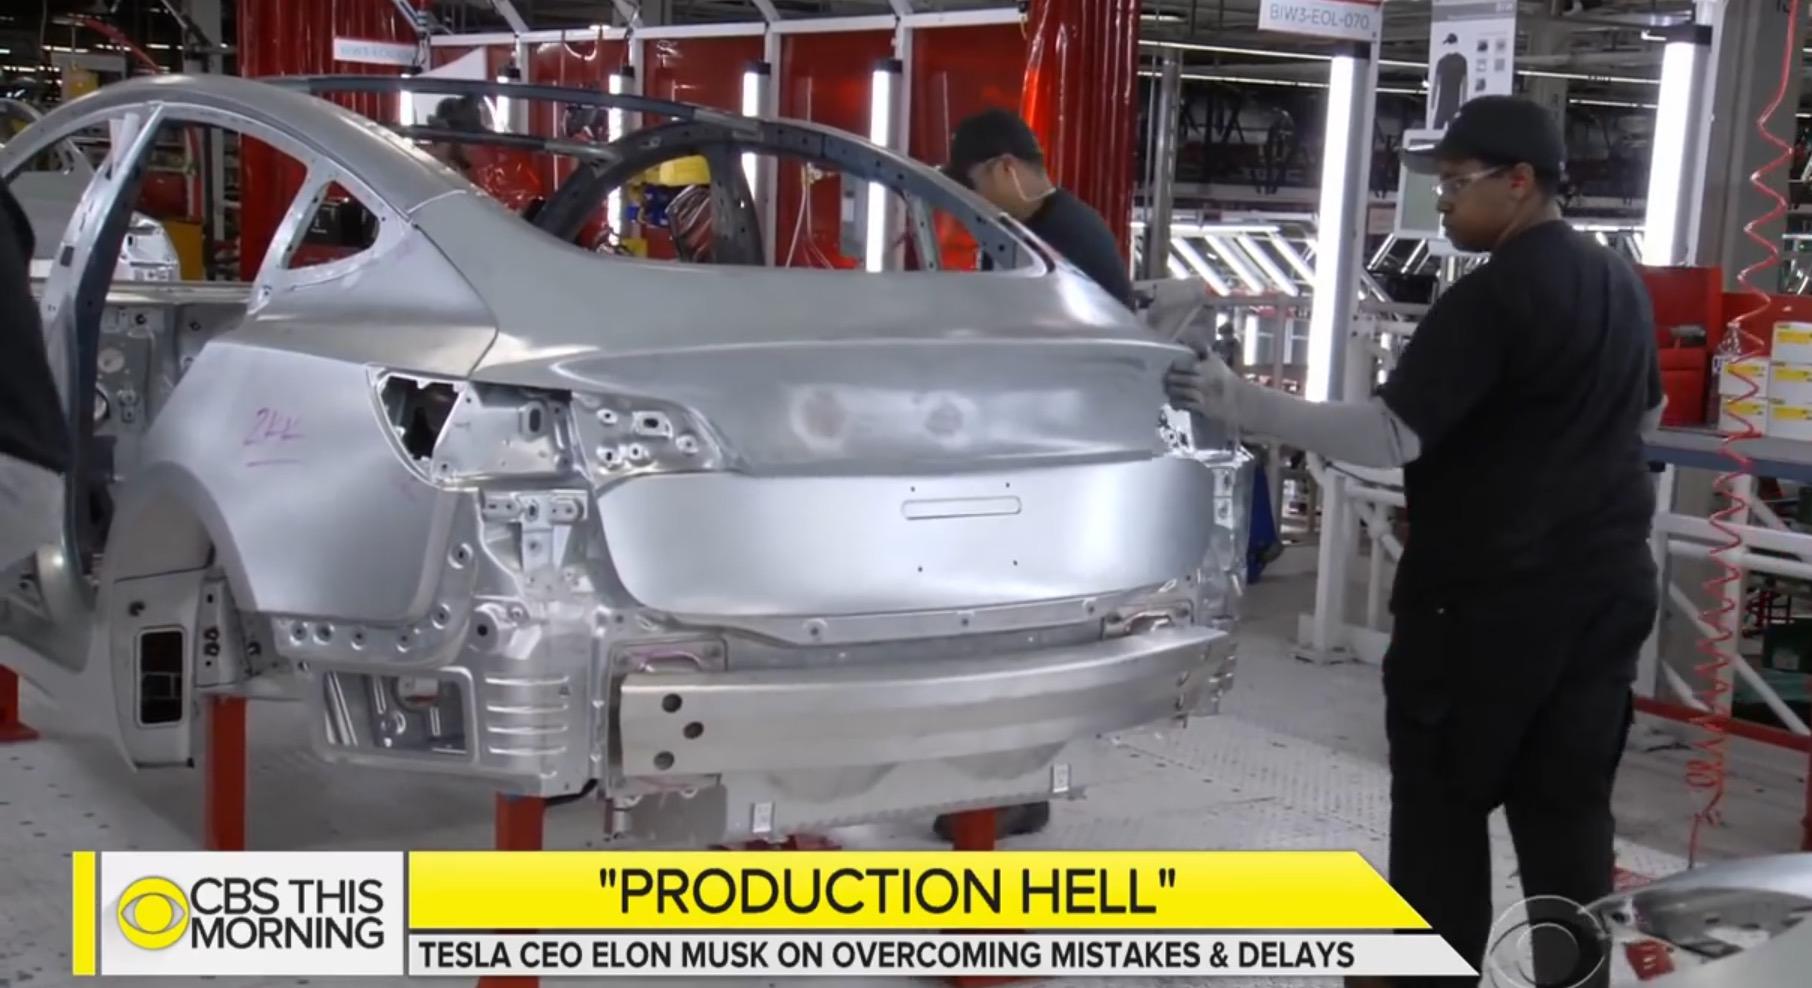 Elon Musk: Zu viele Roboter Schuld am Model-3-Produktions-Debakel